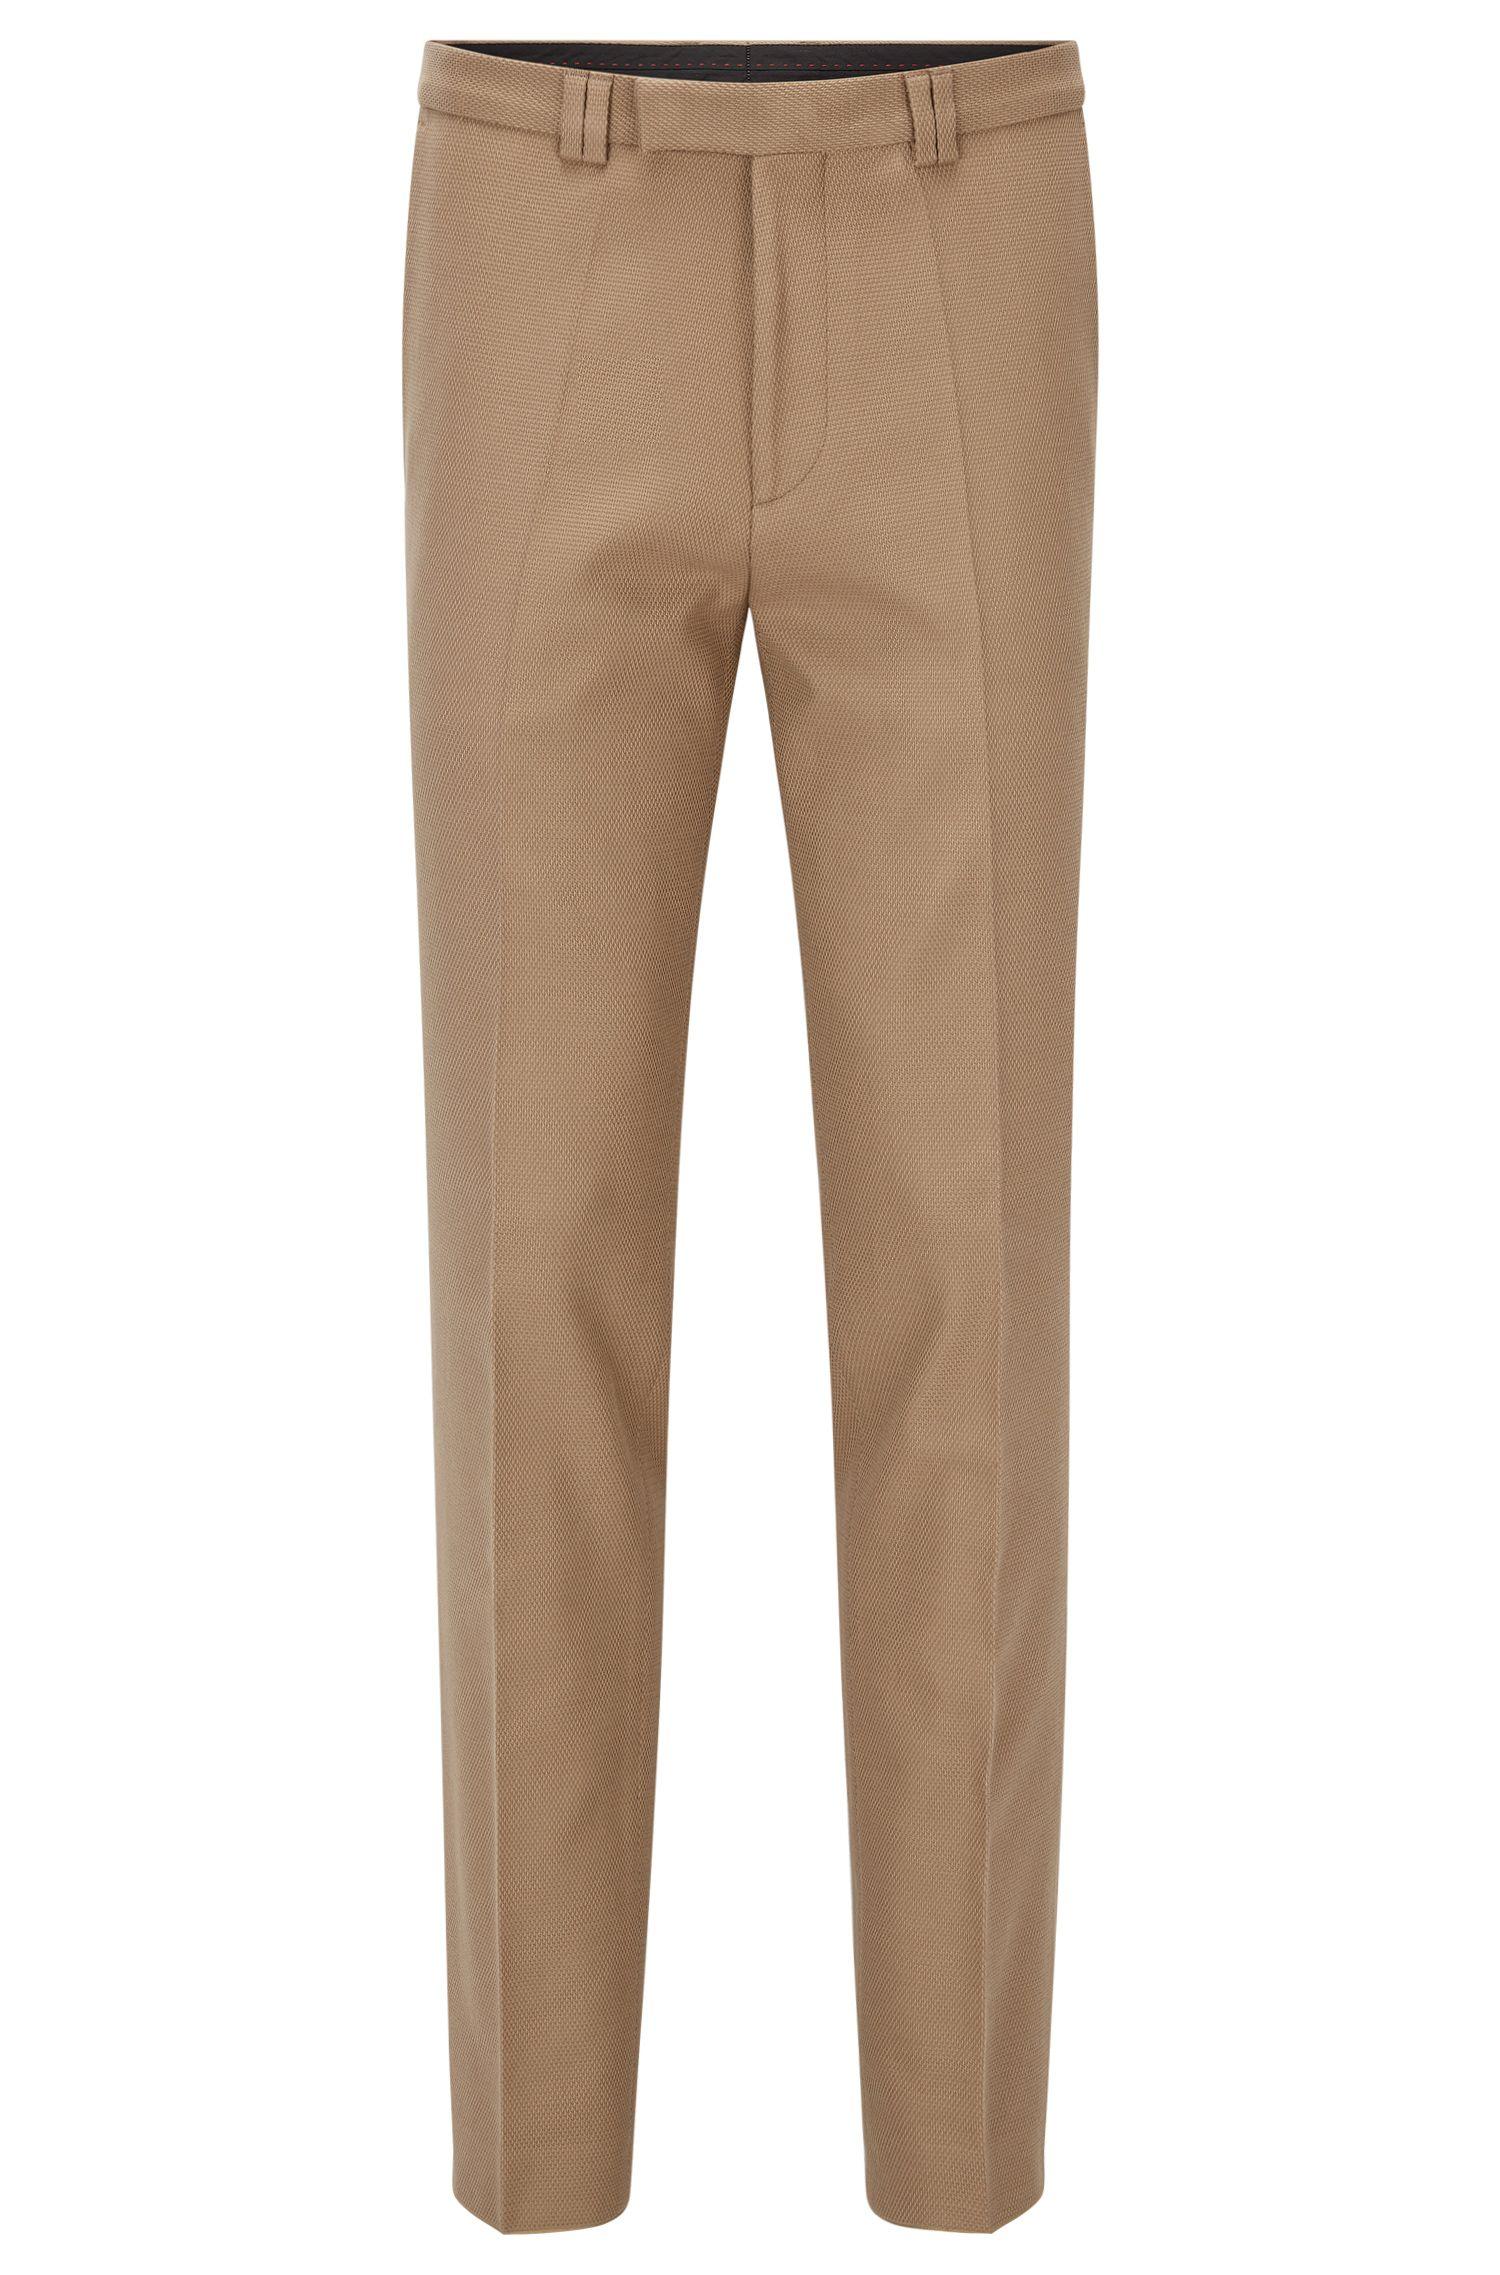 Pantalon Extra Slim Fit en coton stretch gaufré